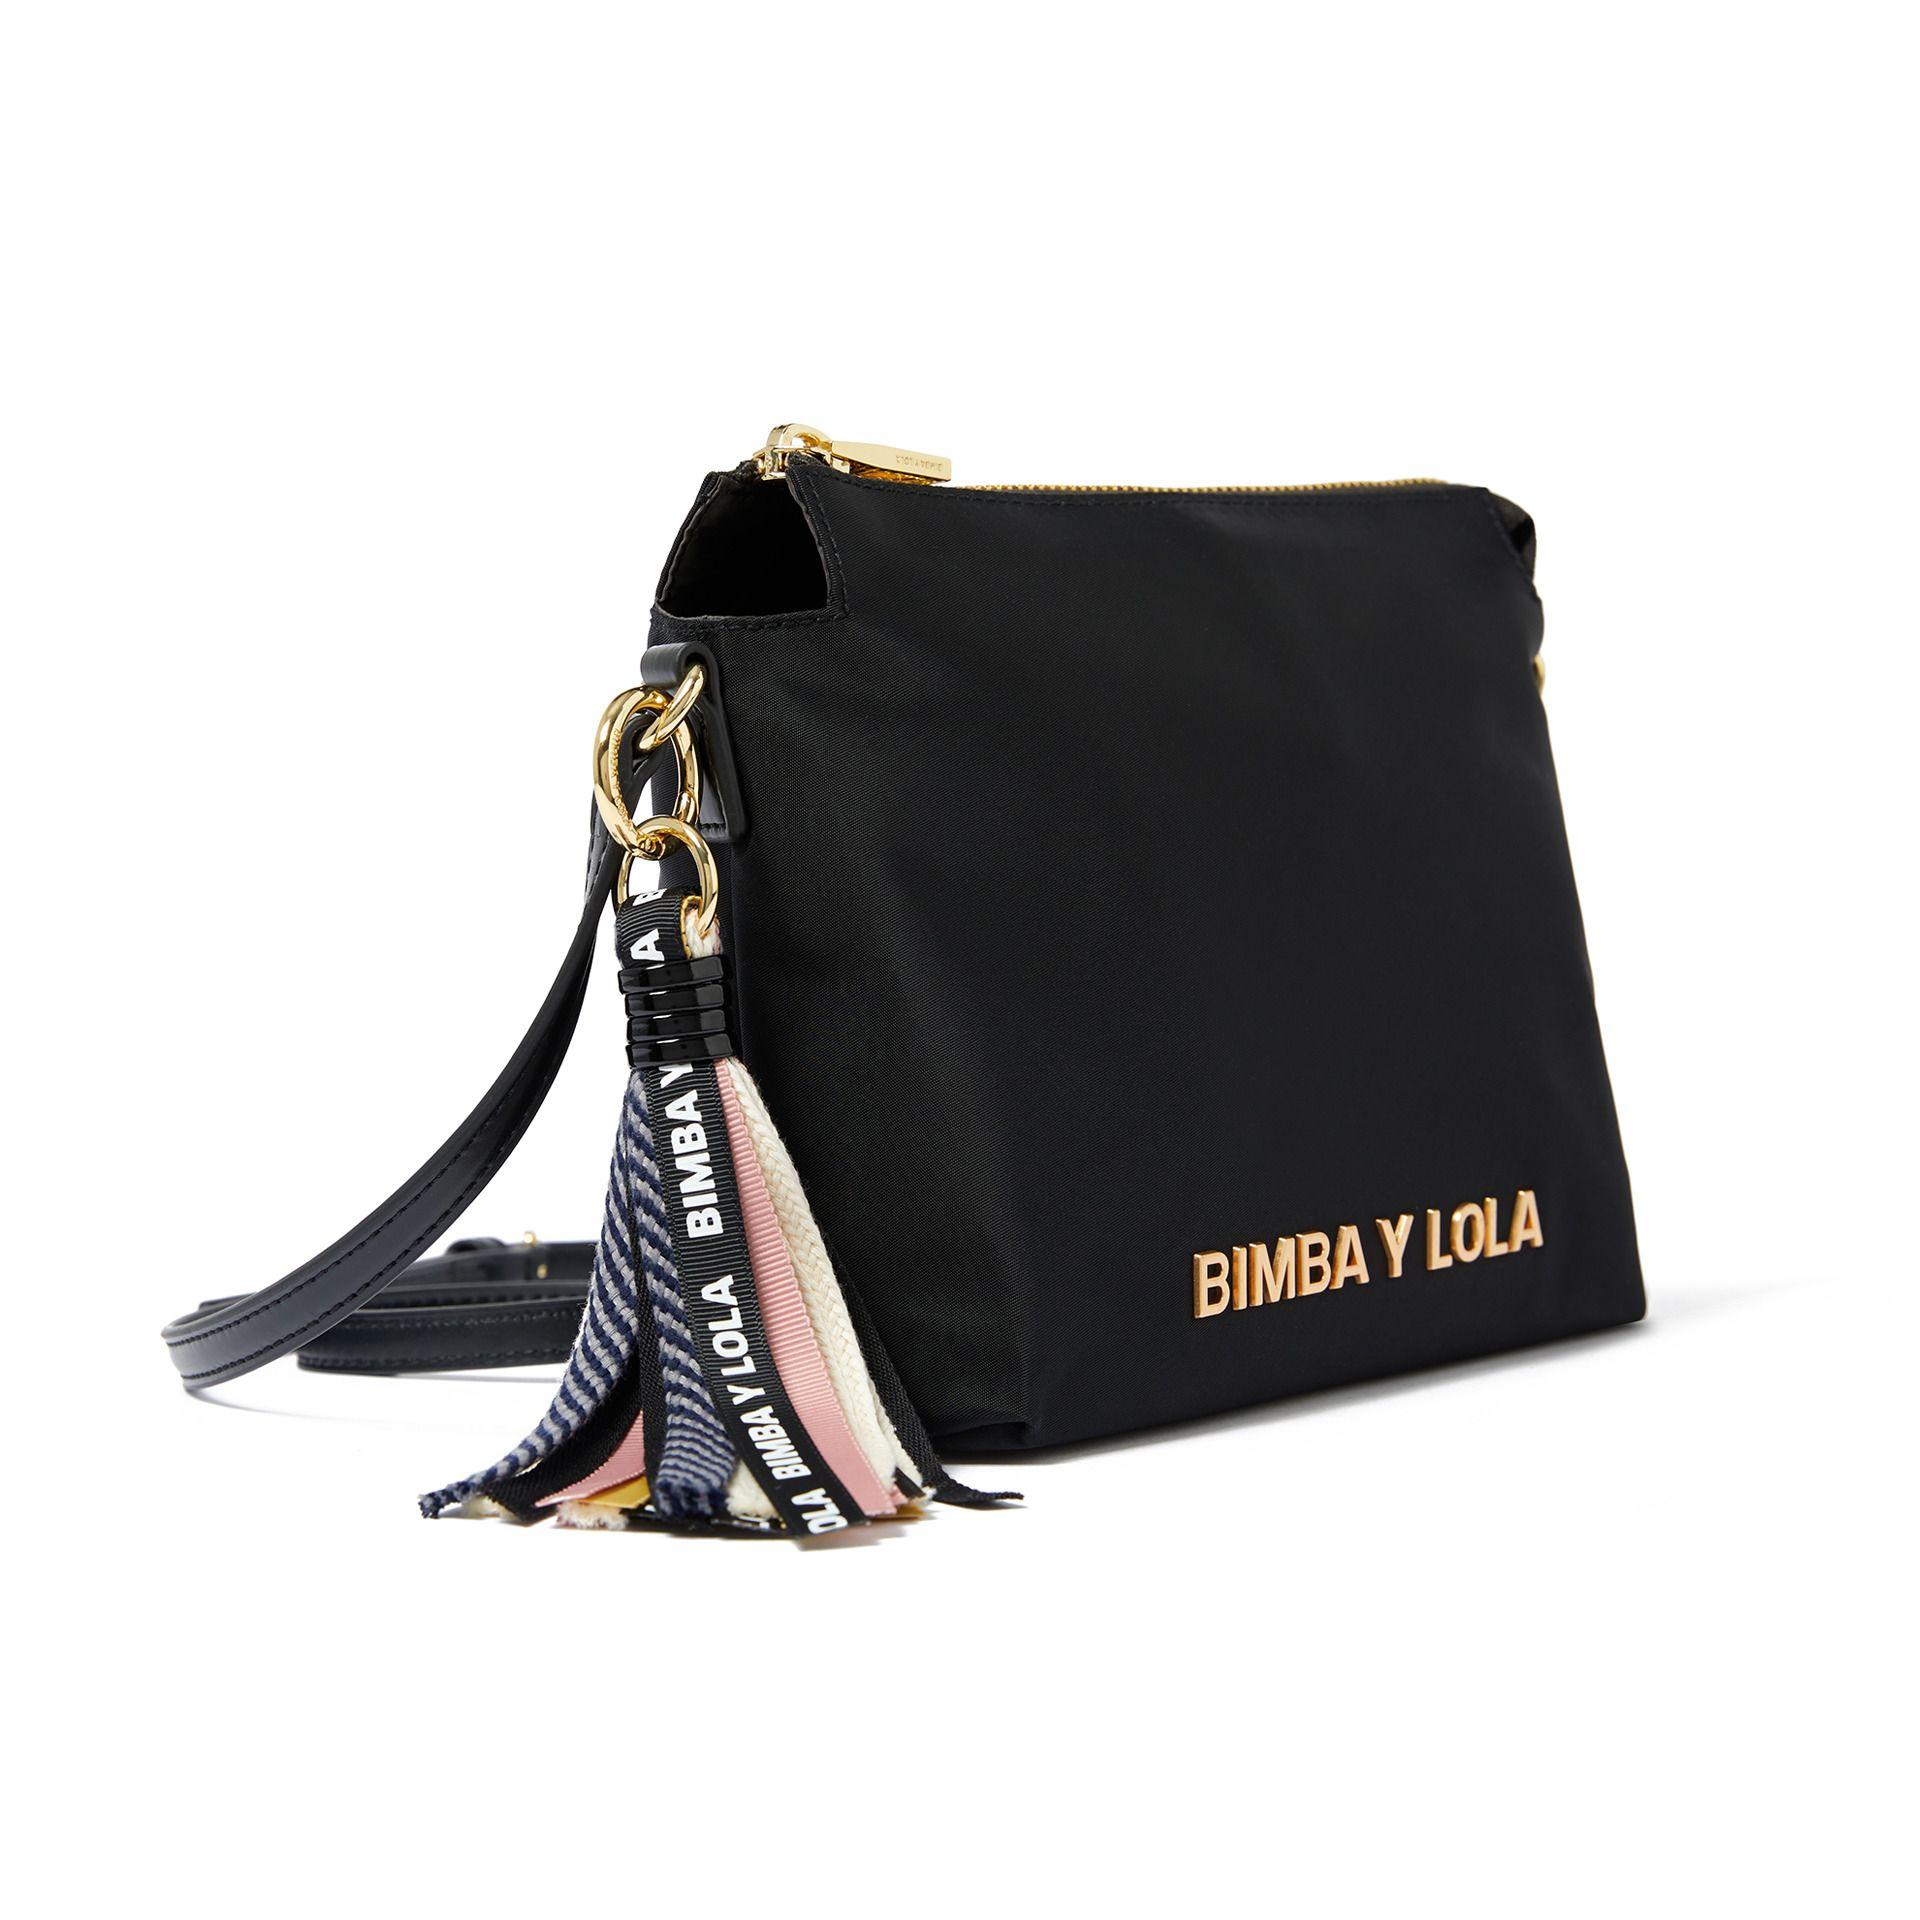 BIMBA Y LOLA CROSSBODY BAG DOUBLE ZIP BOLSA CARTERA WOMEN